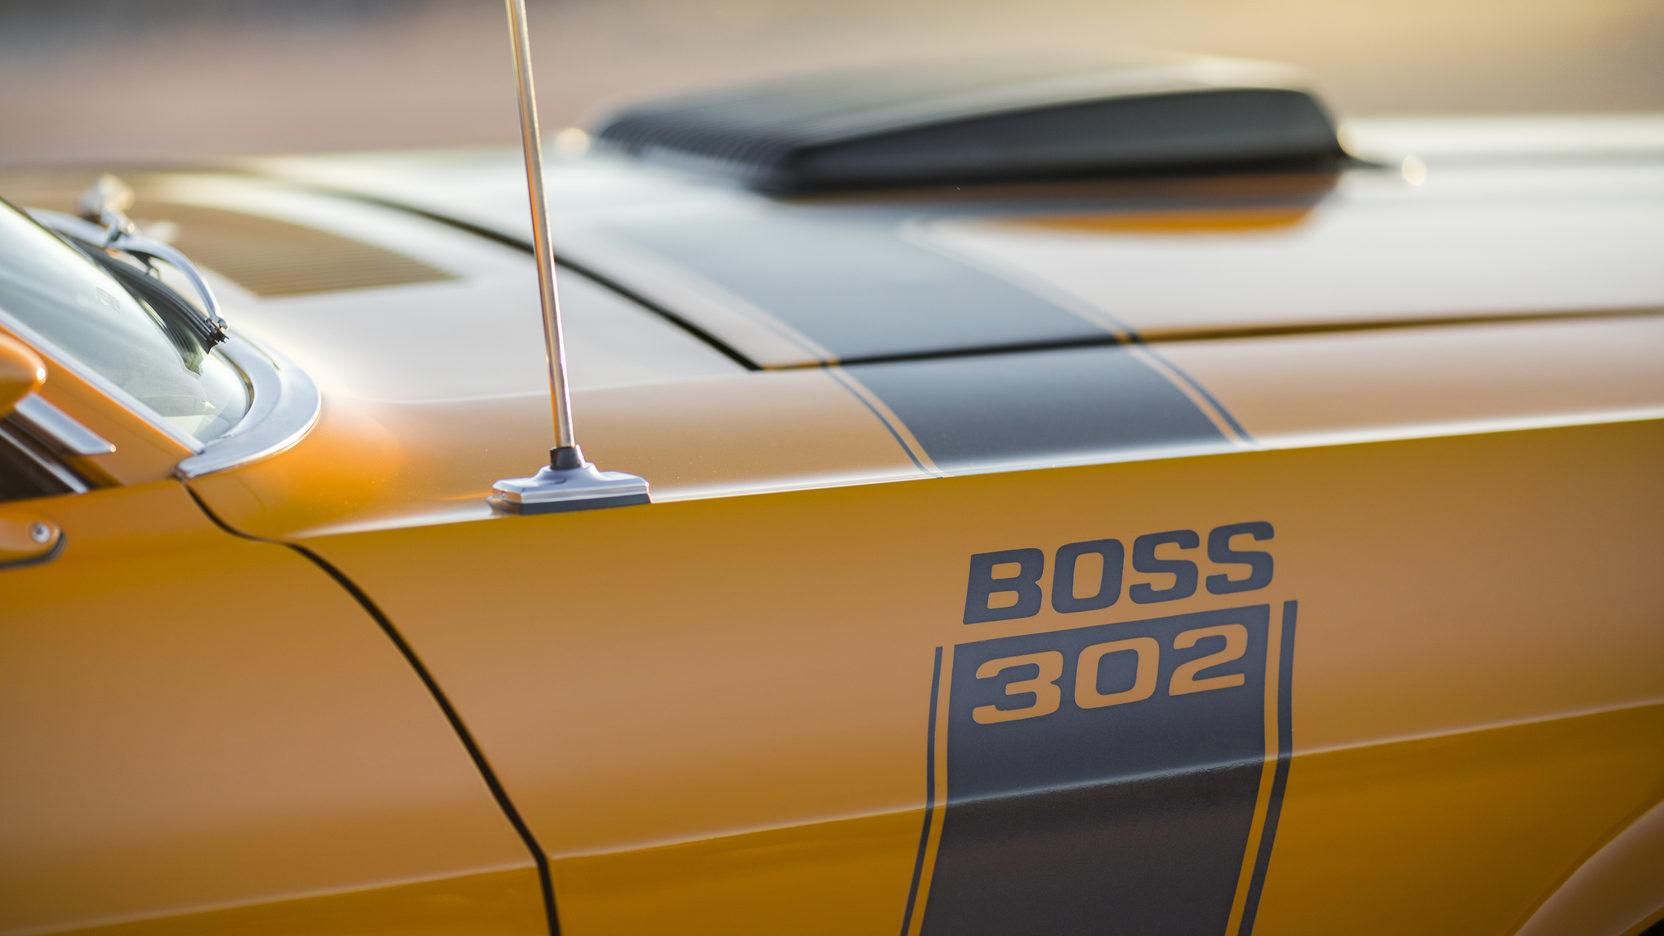 1970 Ford Mustang Boss 302 quarter panel